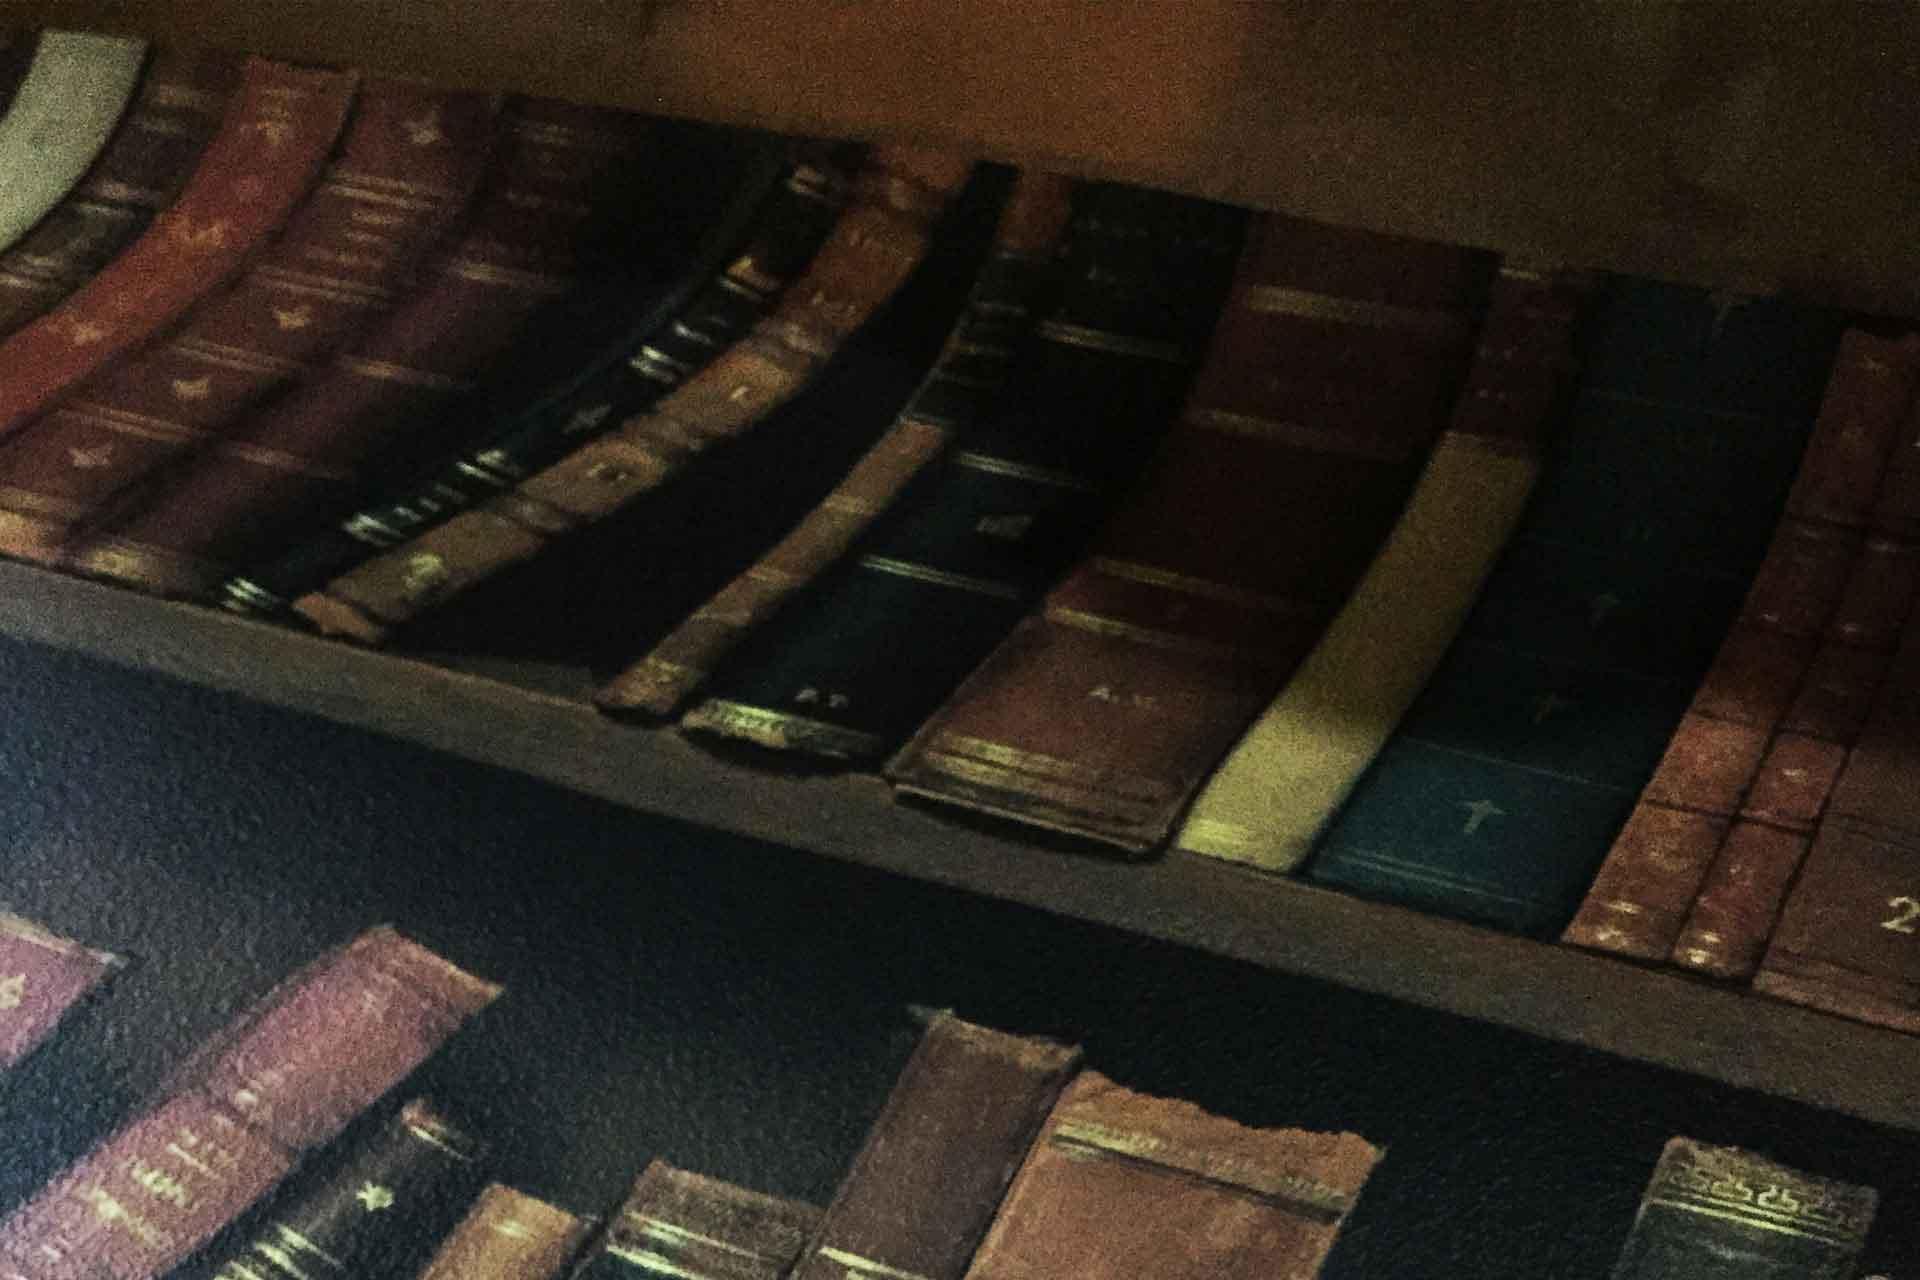 ヨーロッパの古い洋書の本棚をプリントした壁紙